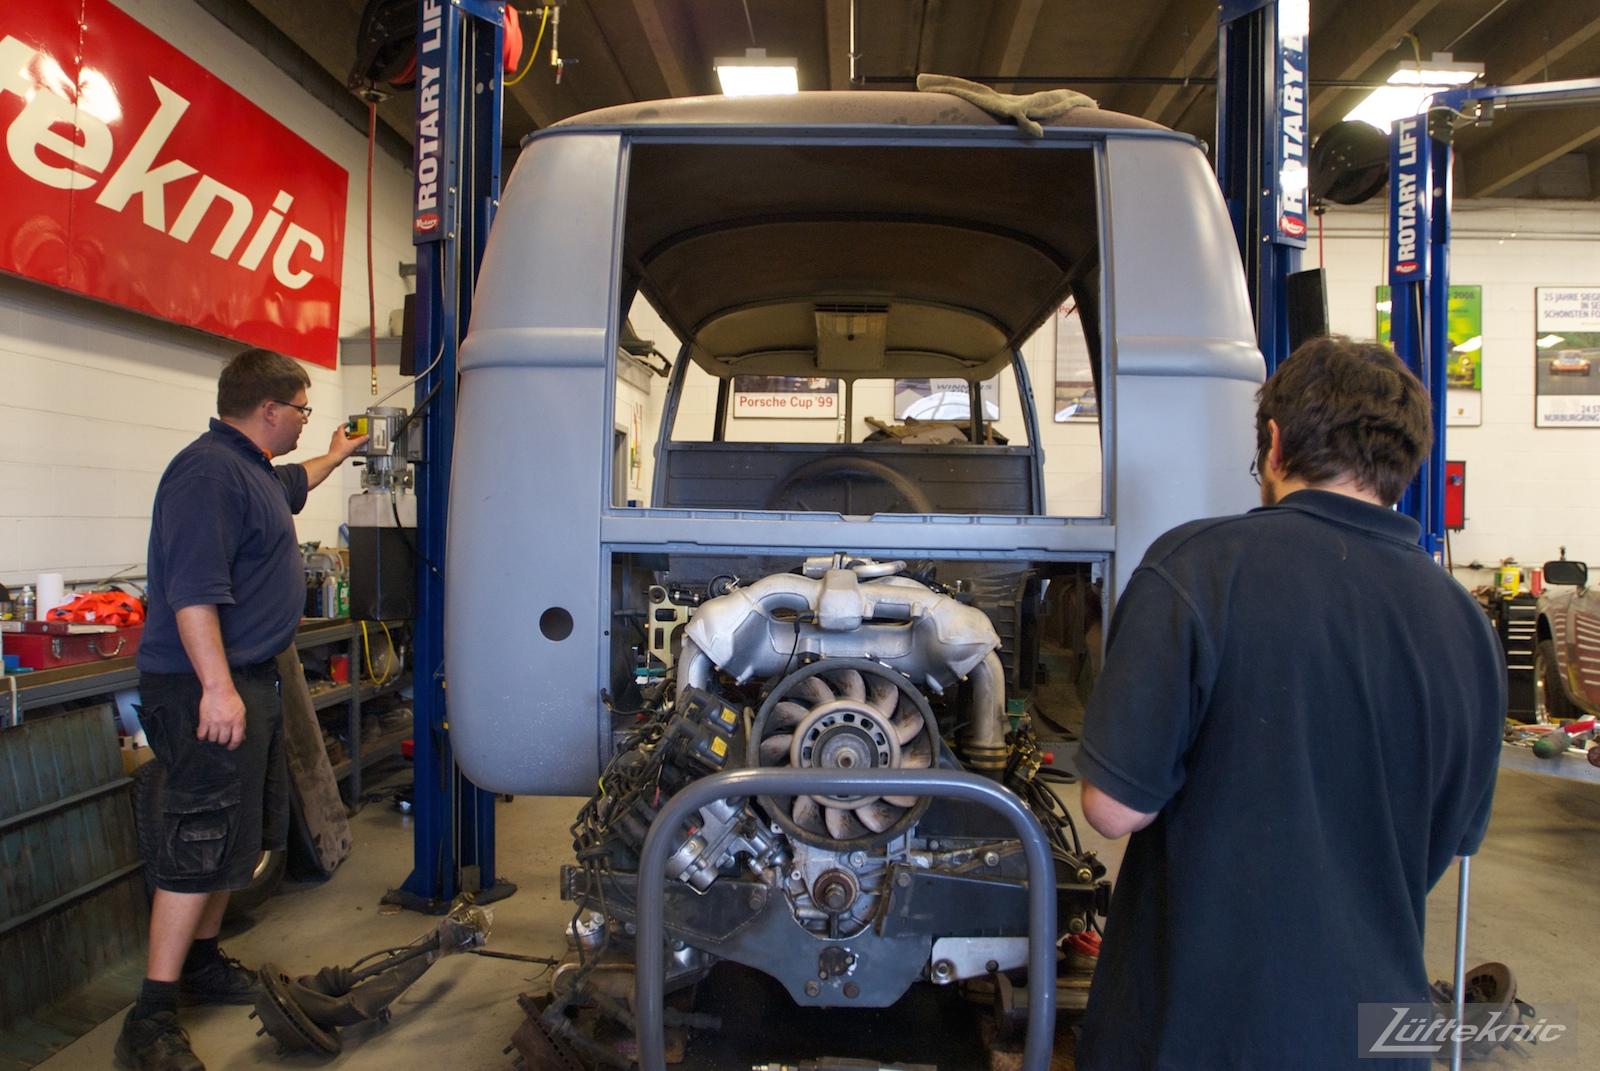 1956 Volkswagen double panel Transporter Porsche Bus fabrication.